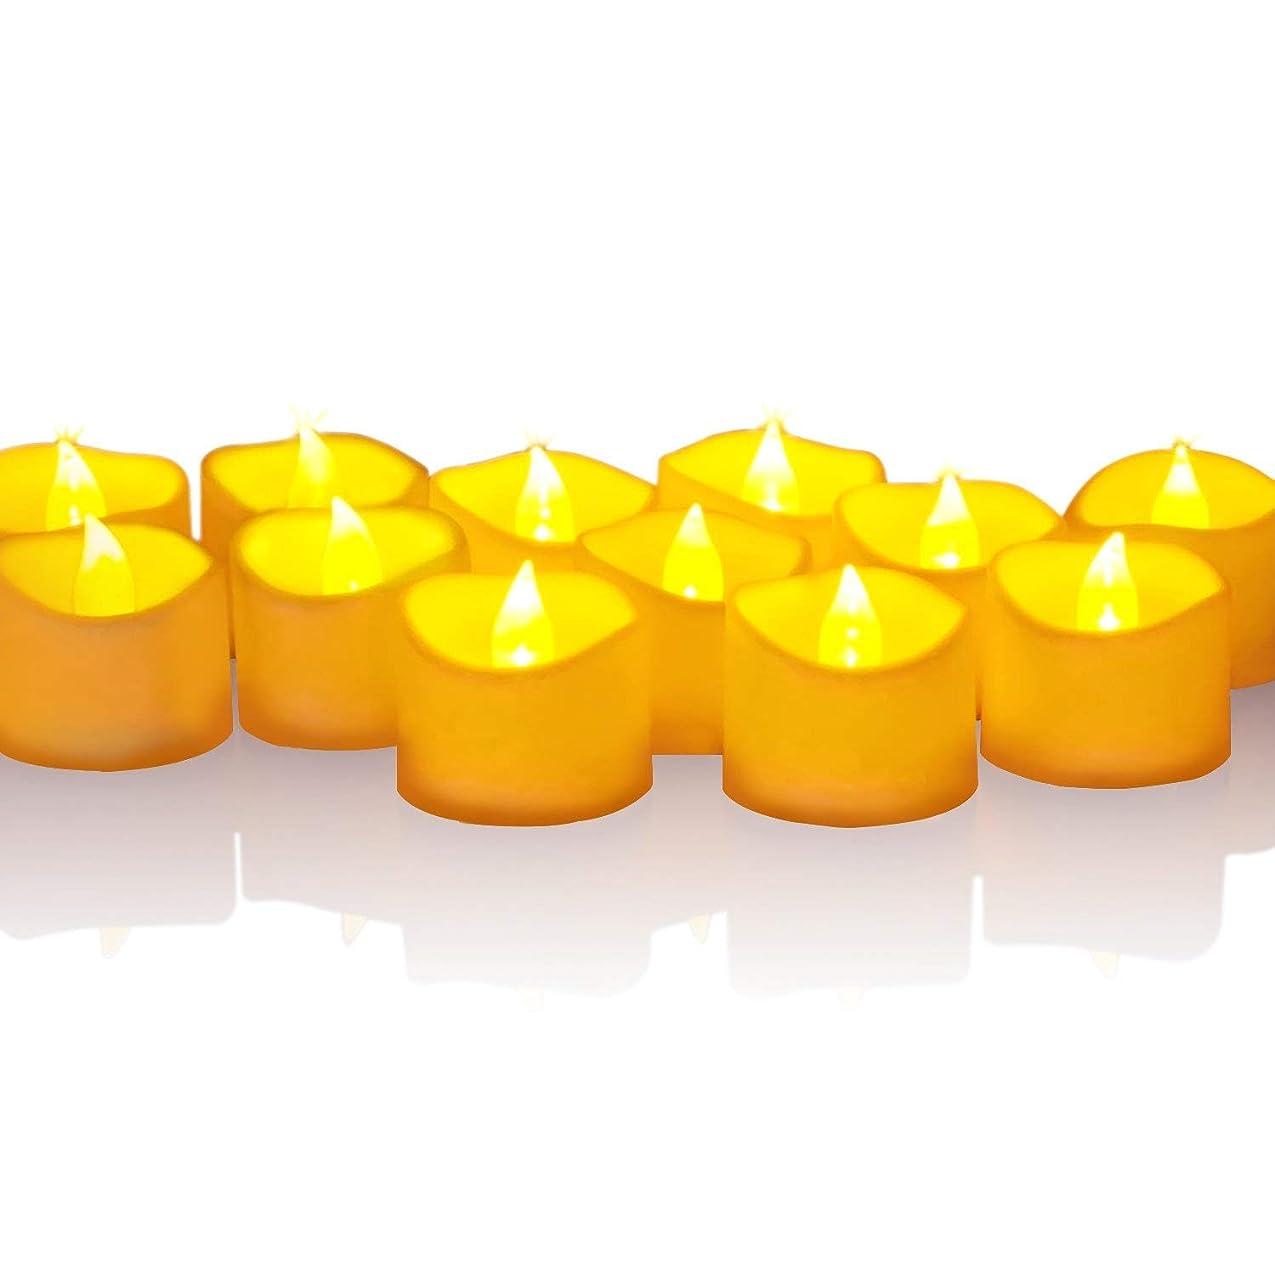 特派員肯定的安心させるPGONE LEDキャンドルライト LEDキャンドル ティーライト ろうそく 癒し暖かい黄色灯り ゆらゆらと揺らめく炎 リアル感 火を使わず 安全 省エネ 環境に優しい 長持ち 便利 おしゃれ 雰囲気作り/クリスマス/結婚式/誕生日/室内、室外飾りに最適 無香料 電池(CR2032/3V)付き 12個セット